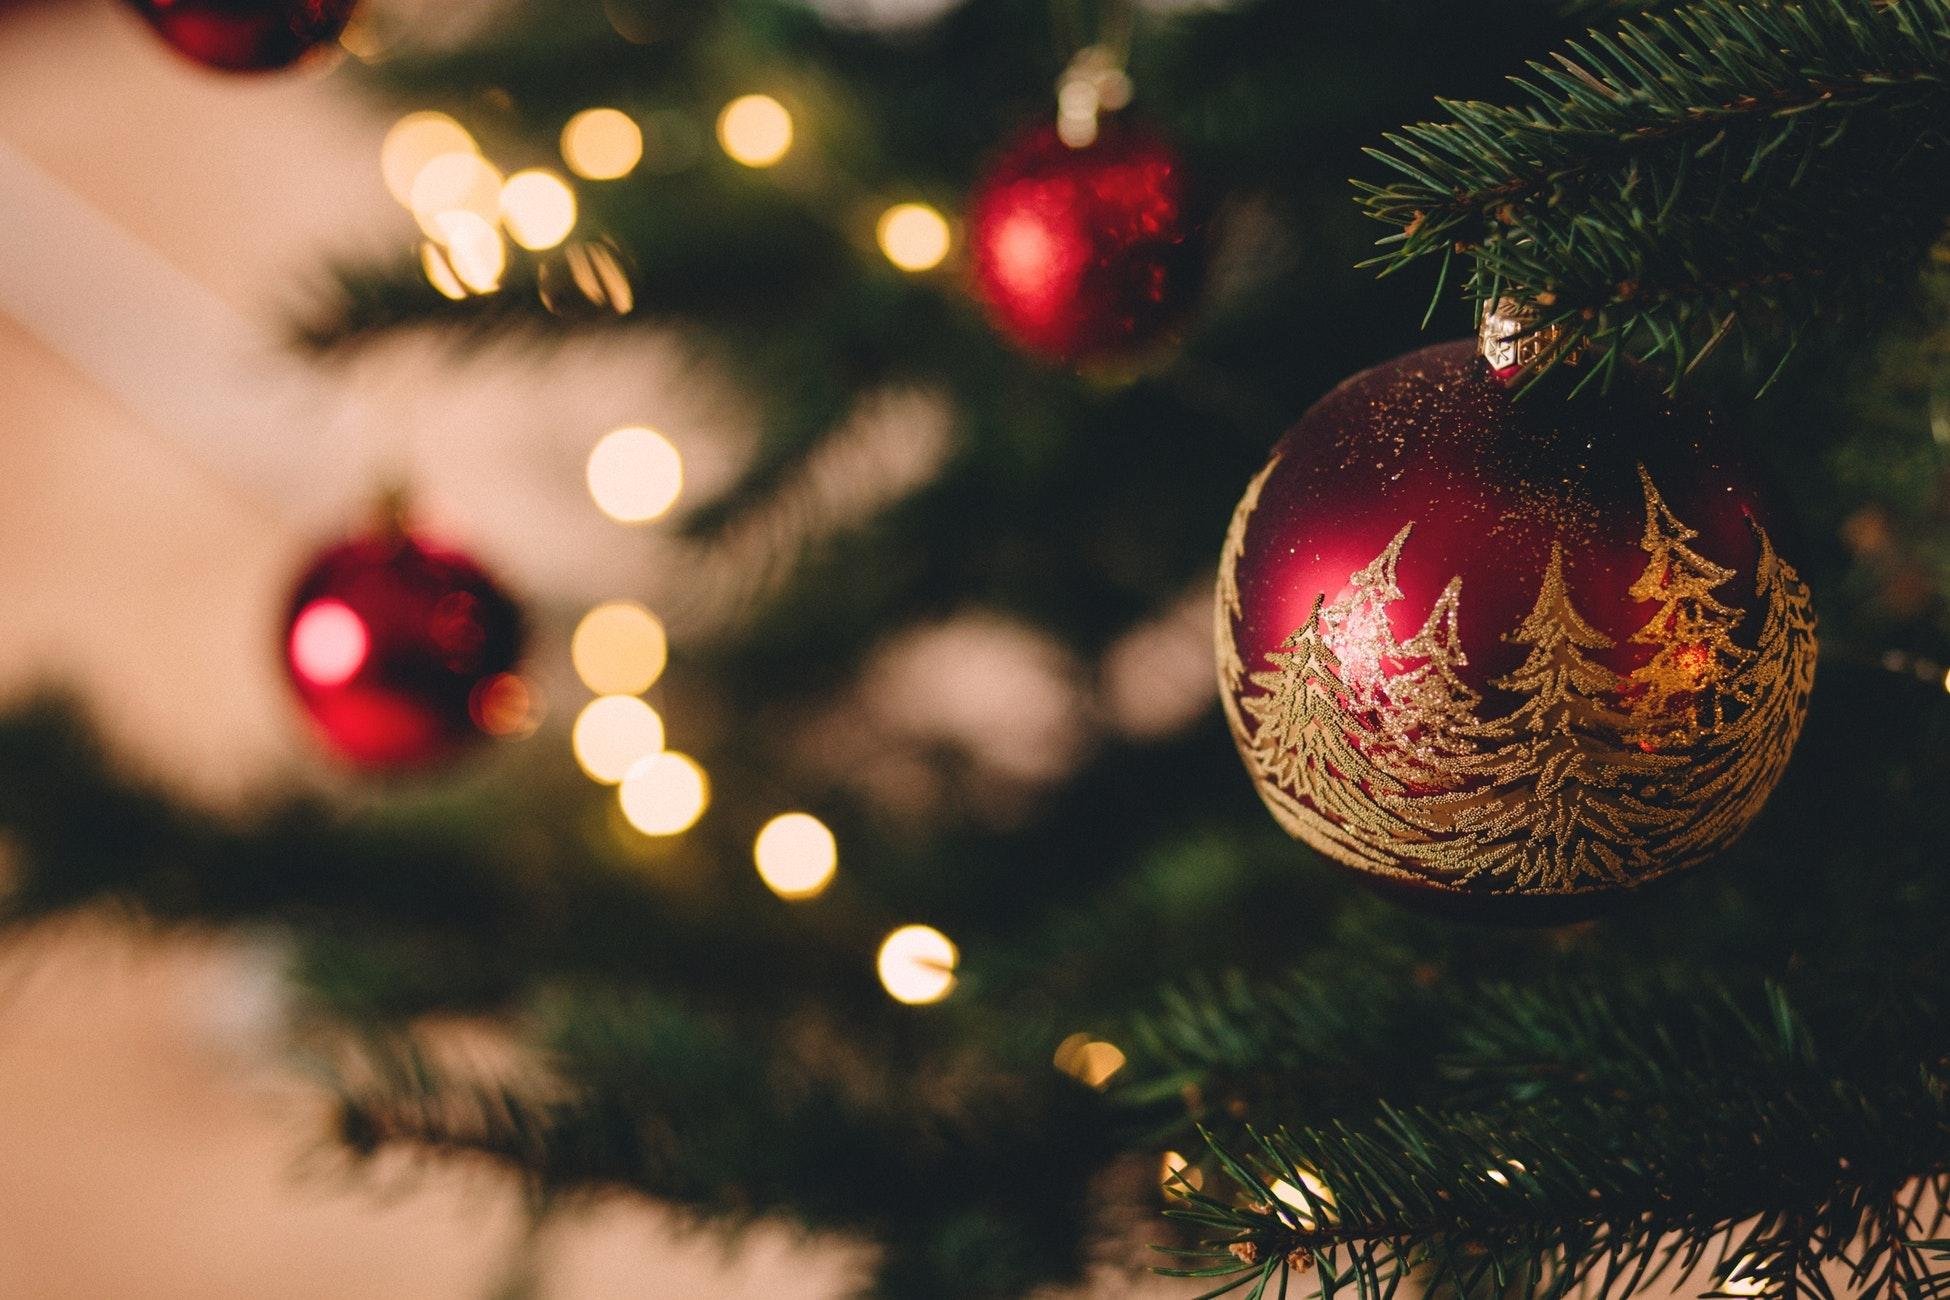 Internationale Weihnachtsessen.Internationale Weihnachtsessen Ideen Für Leckere Festtage